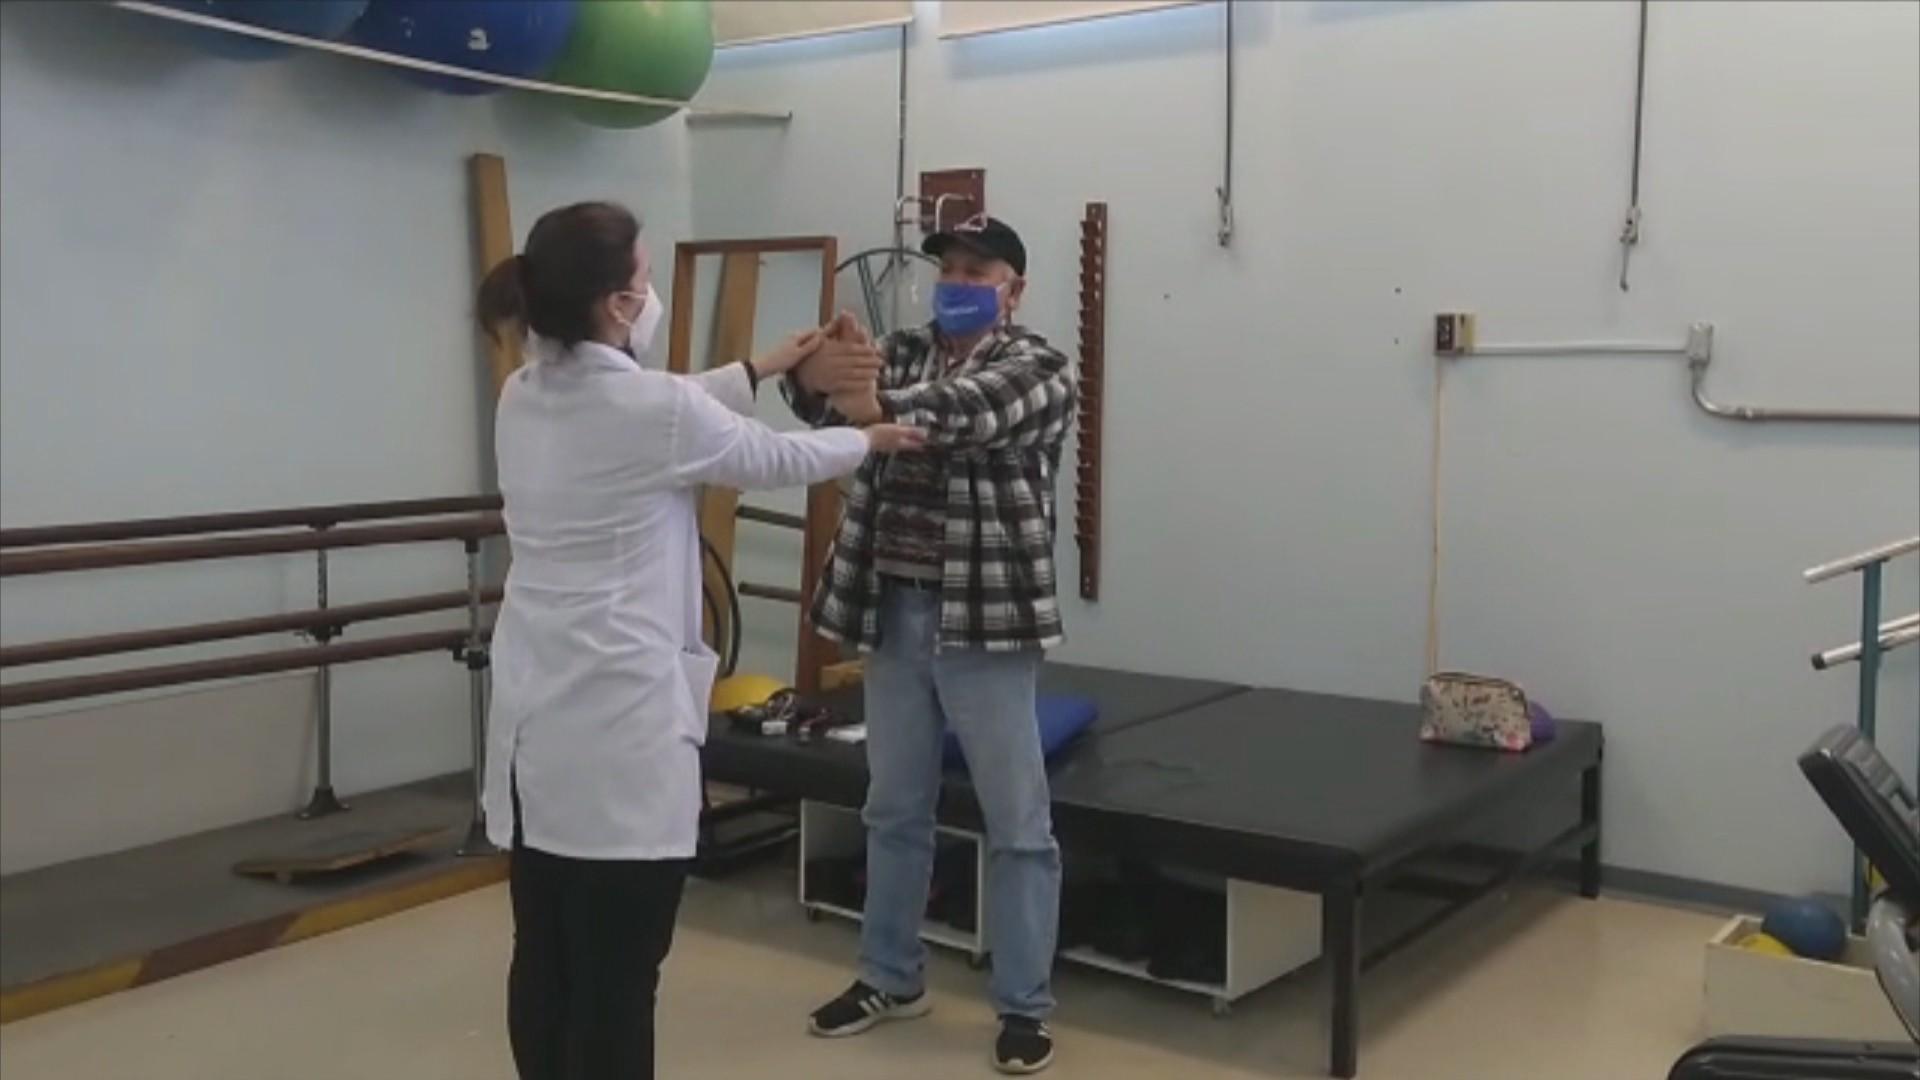 Pacientes de Covid são tratados em ambulatório que atendeu sobreviventes da Kiss em Santa Maria: 'Está me ajudando'